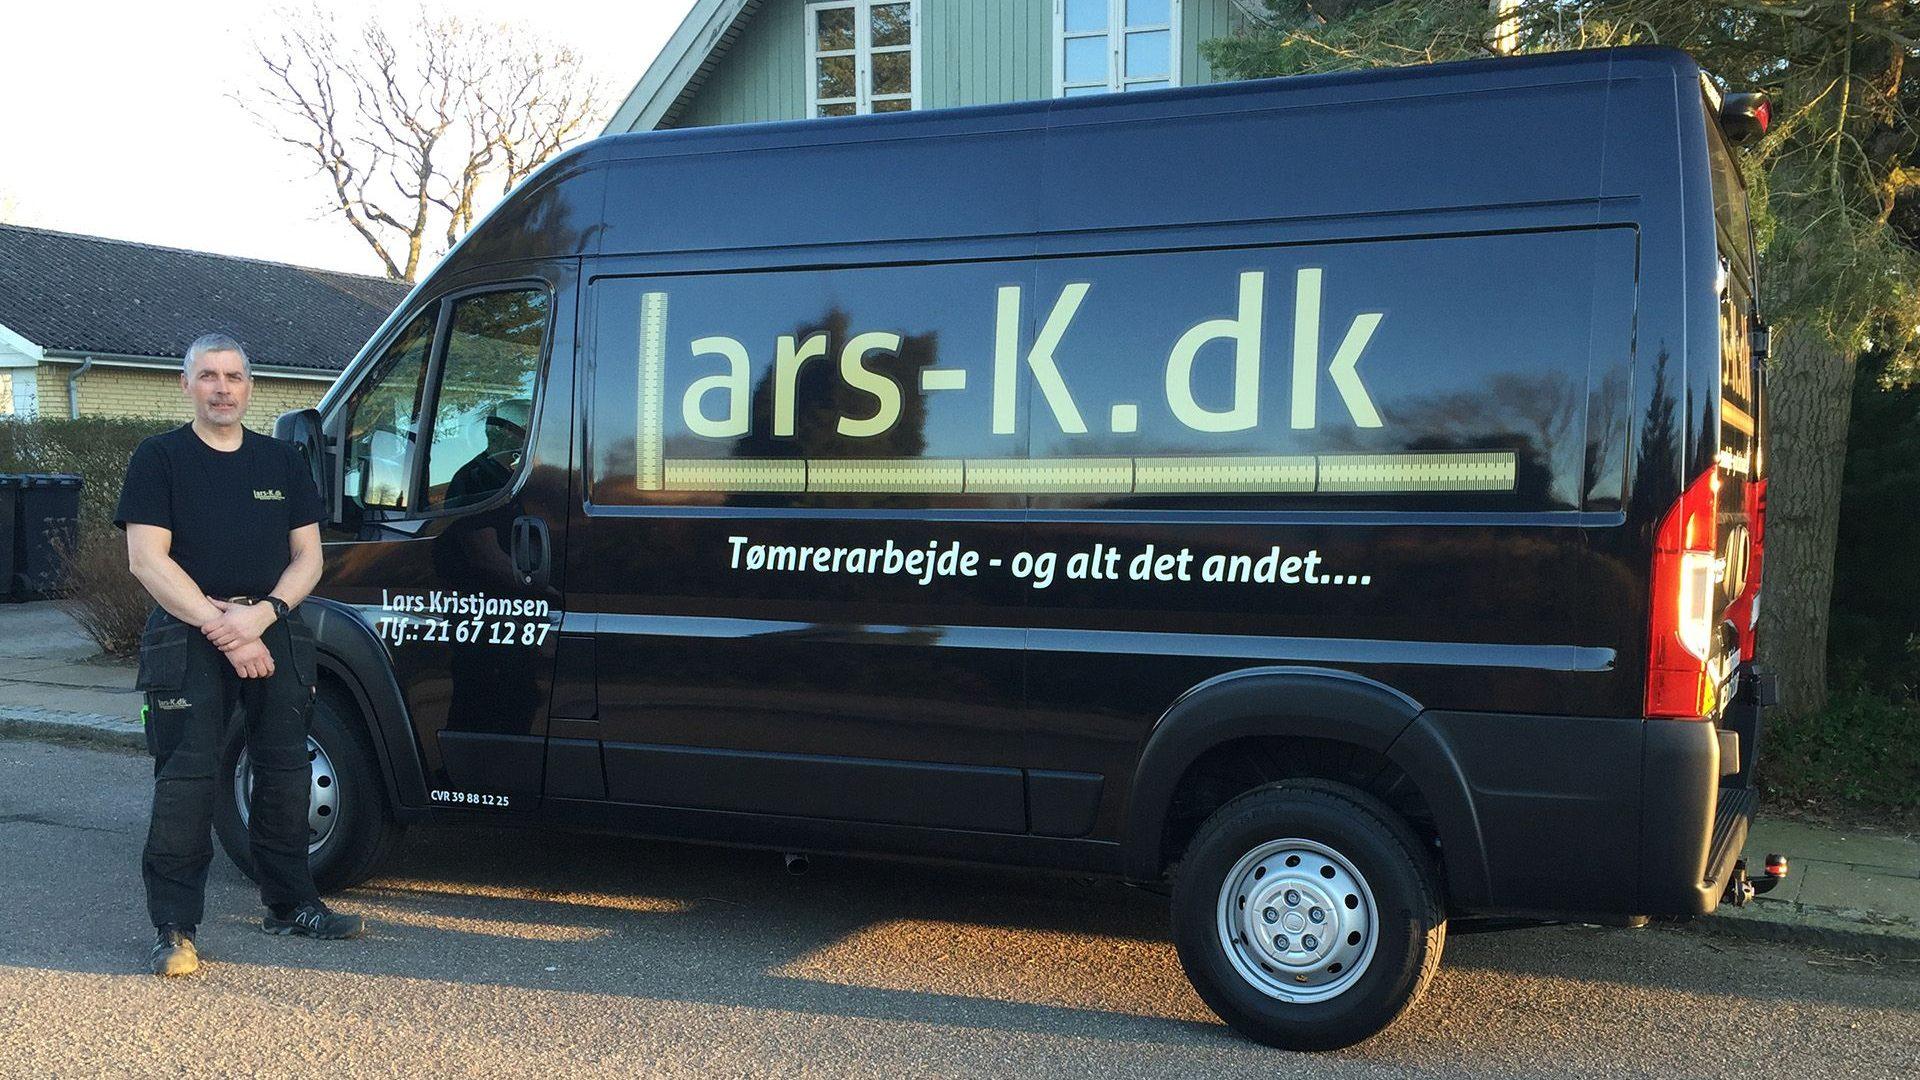 Lars-K.dk